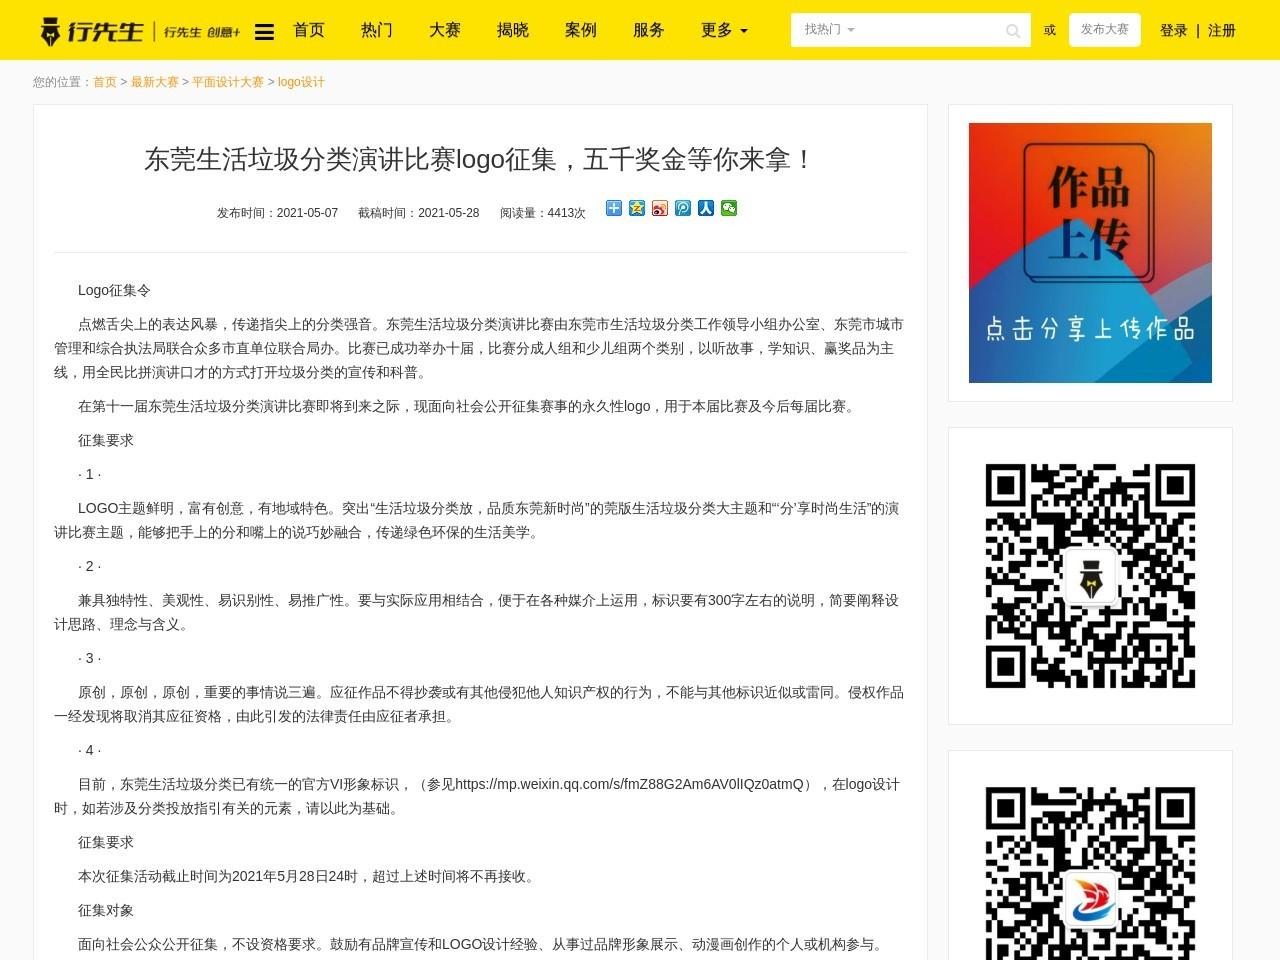 东莞生活垃圾分类演讲比赛logo征集,五千奖金等你来拿!